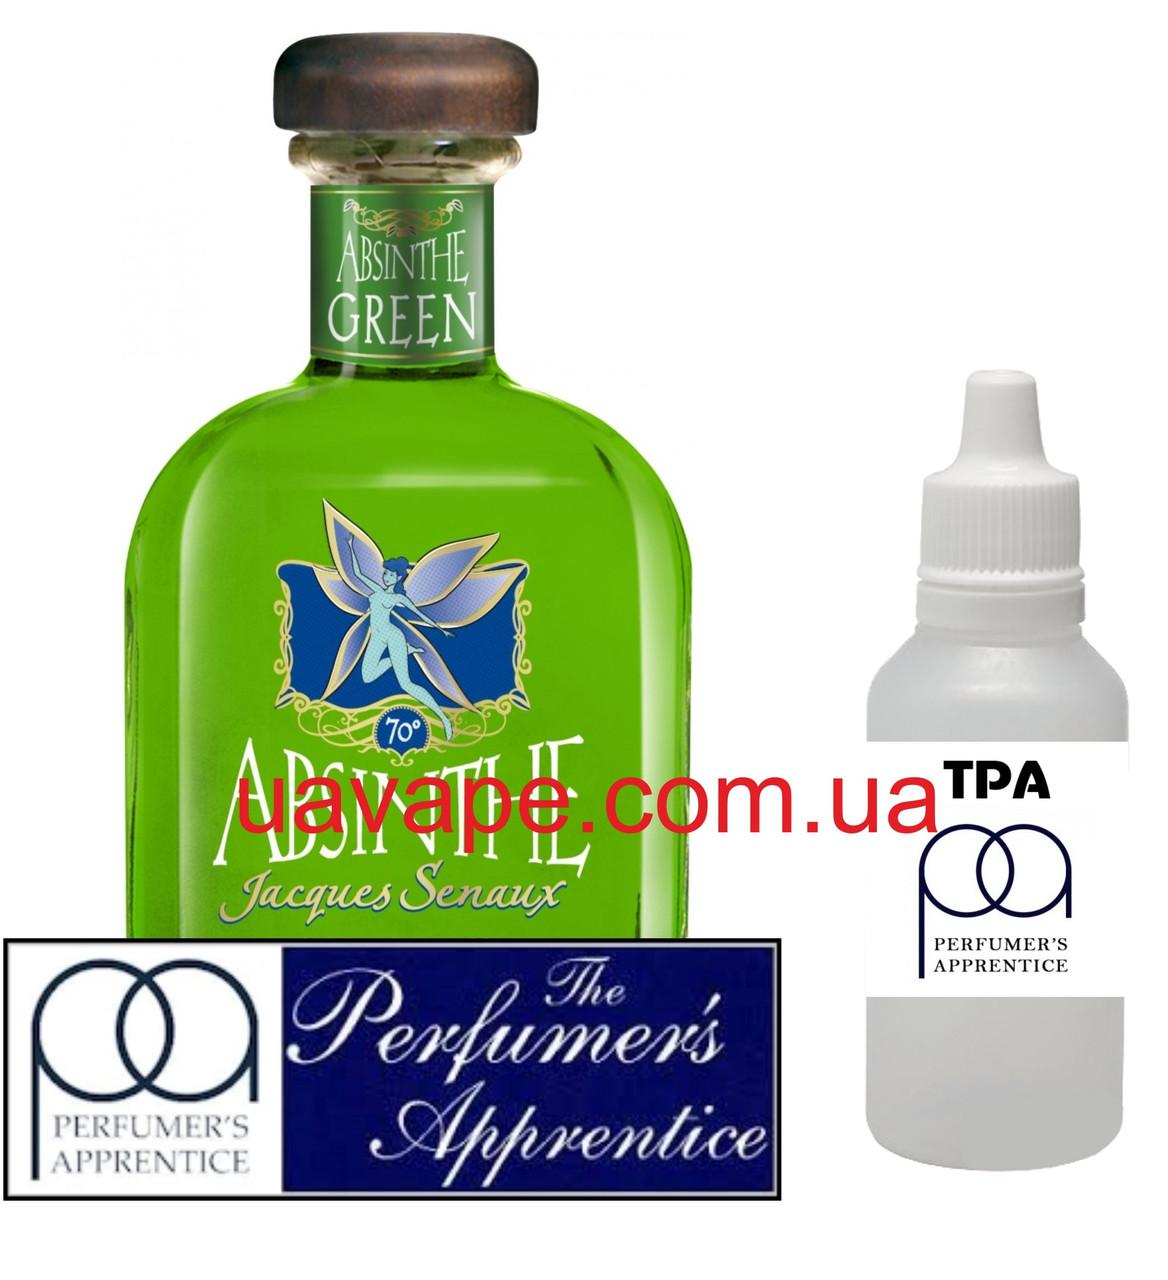 Ароматизатор TPA - Absinthe II Flavor Абсент ТПА, 100 мл